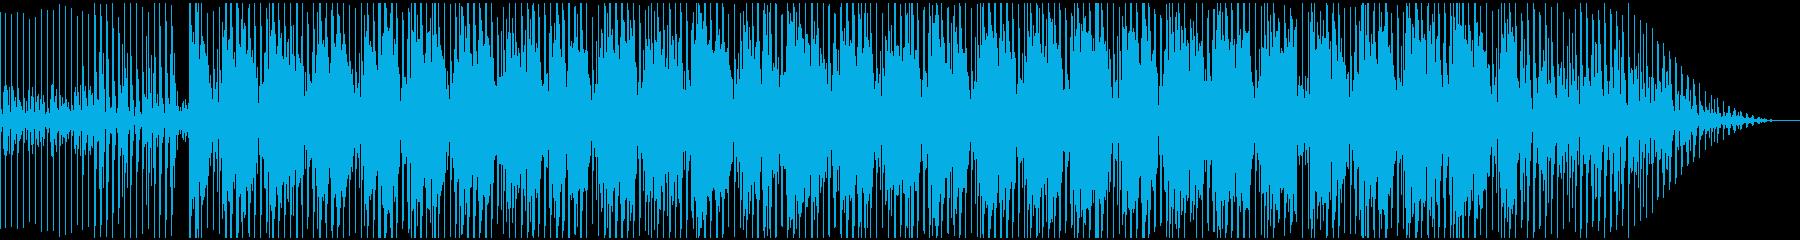 アフリカの楽器を使用したノリノリダンス系の再生済みの波形